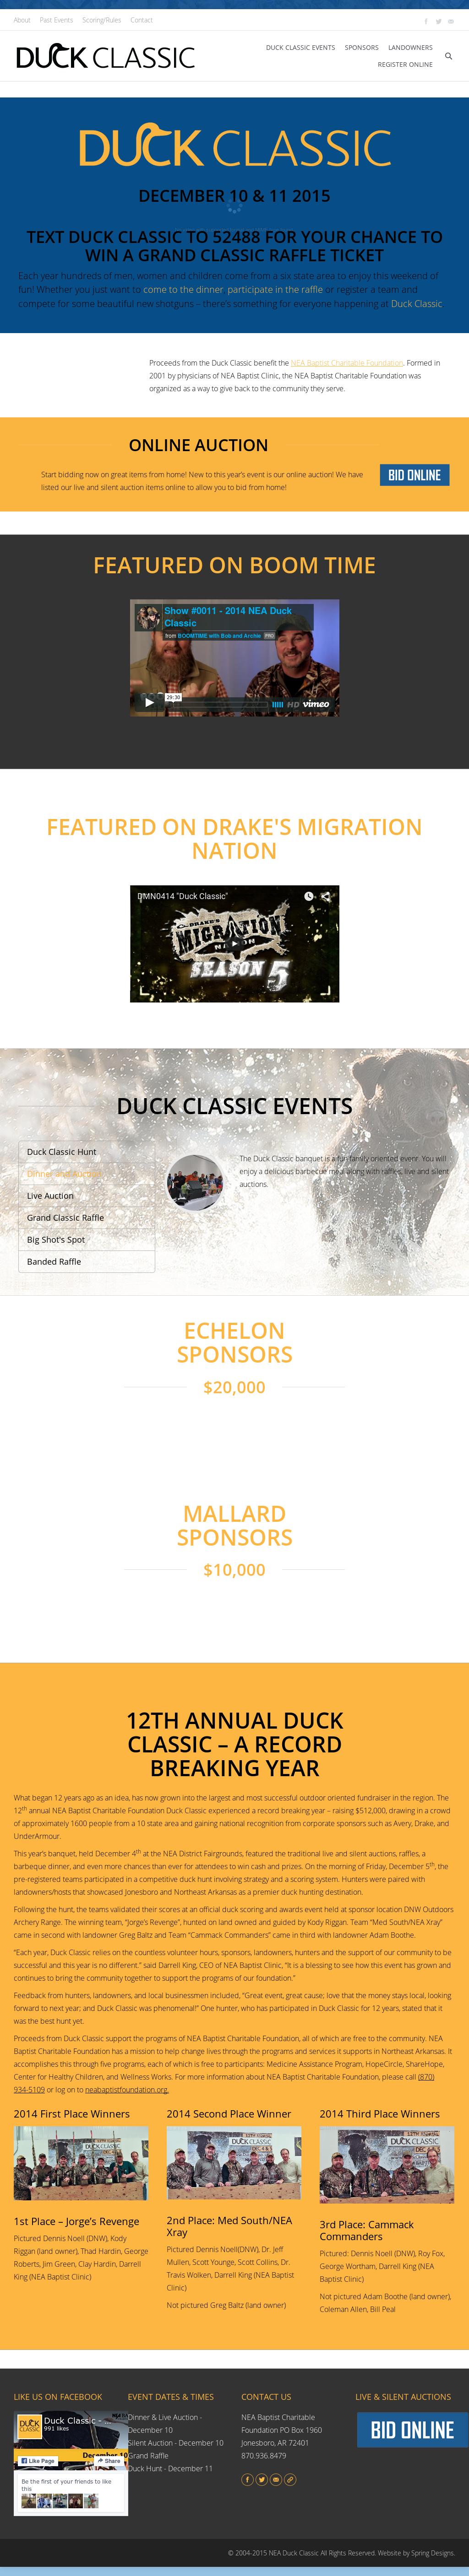 Duck Classic - A Fundraiser For Nea Baptist Charitable